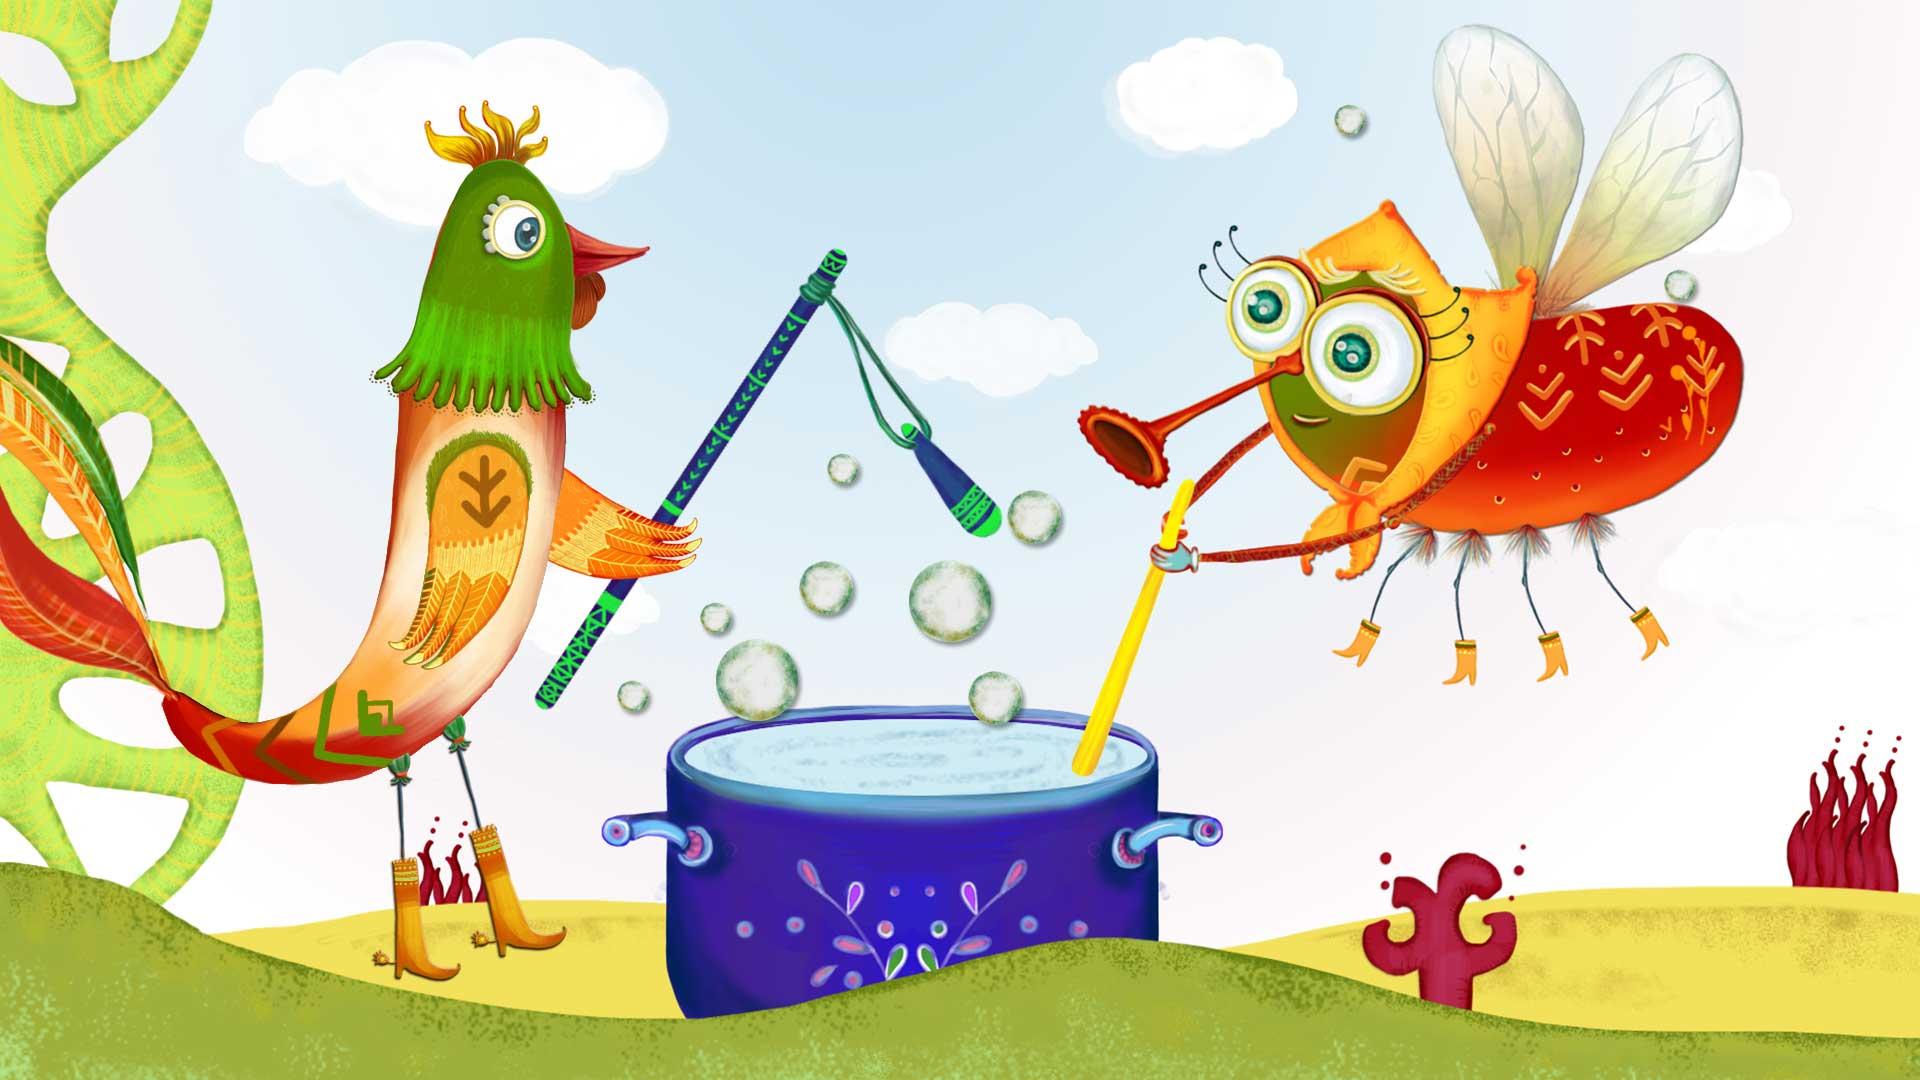 Du gaideliai, animacija, muse, dainele vaikams